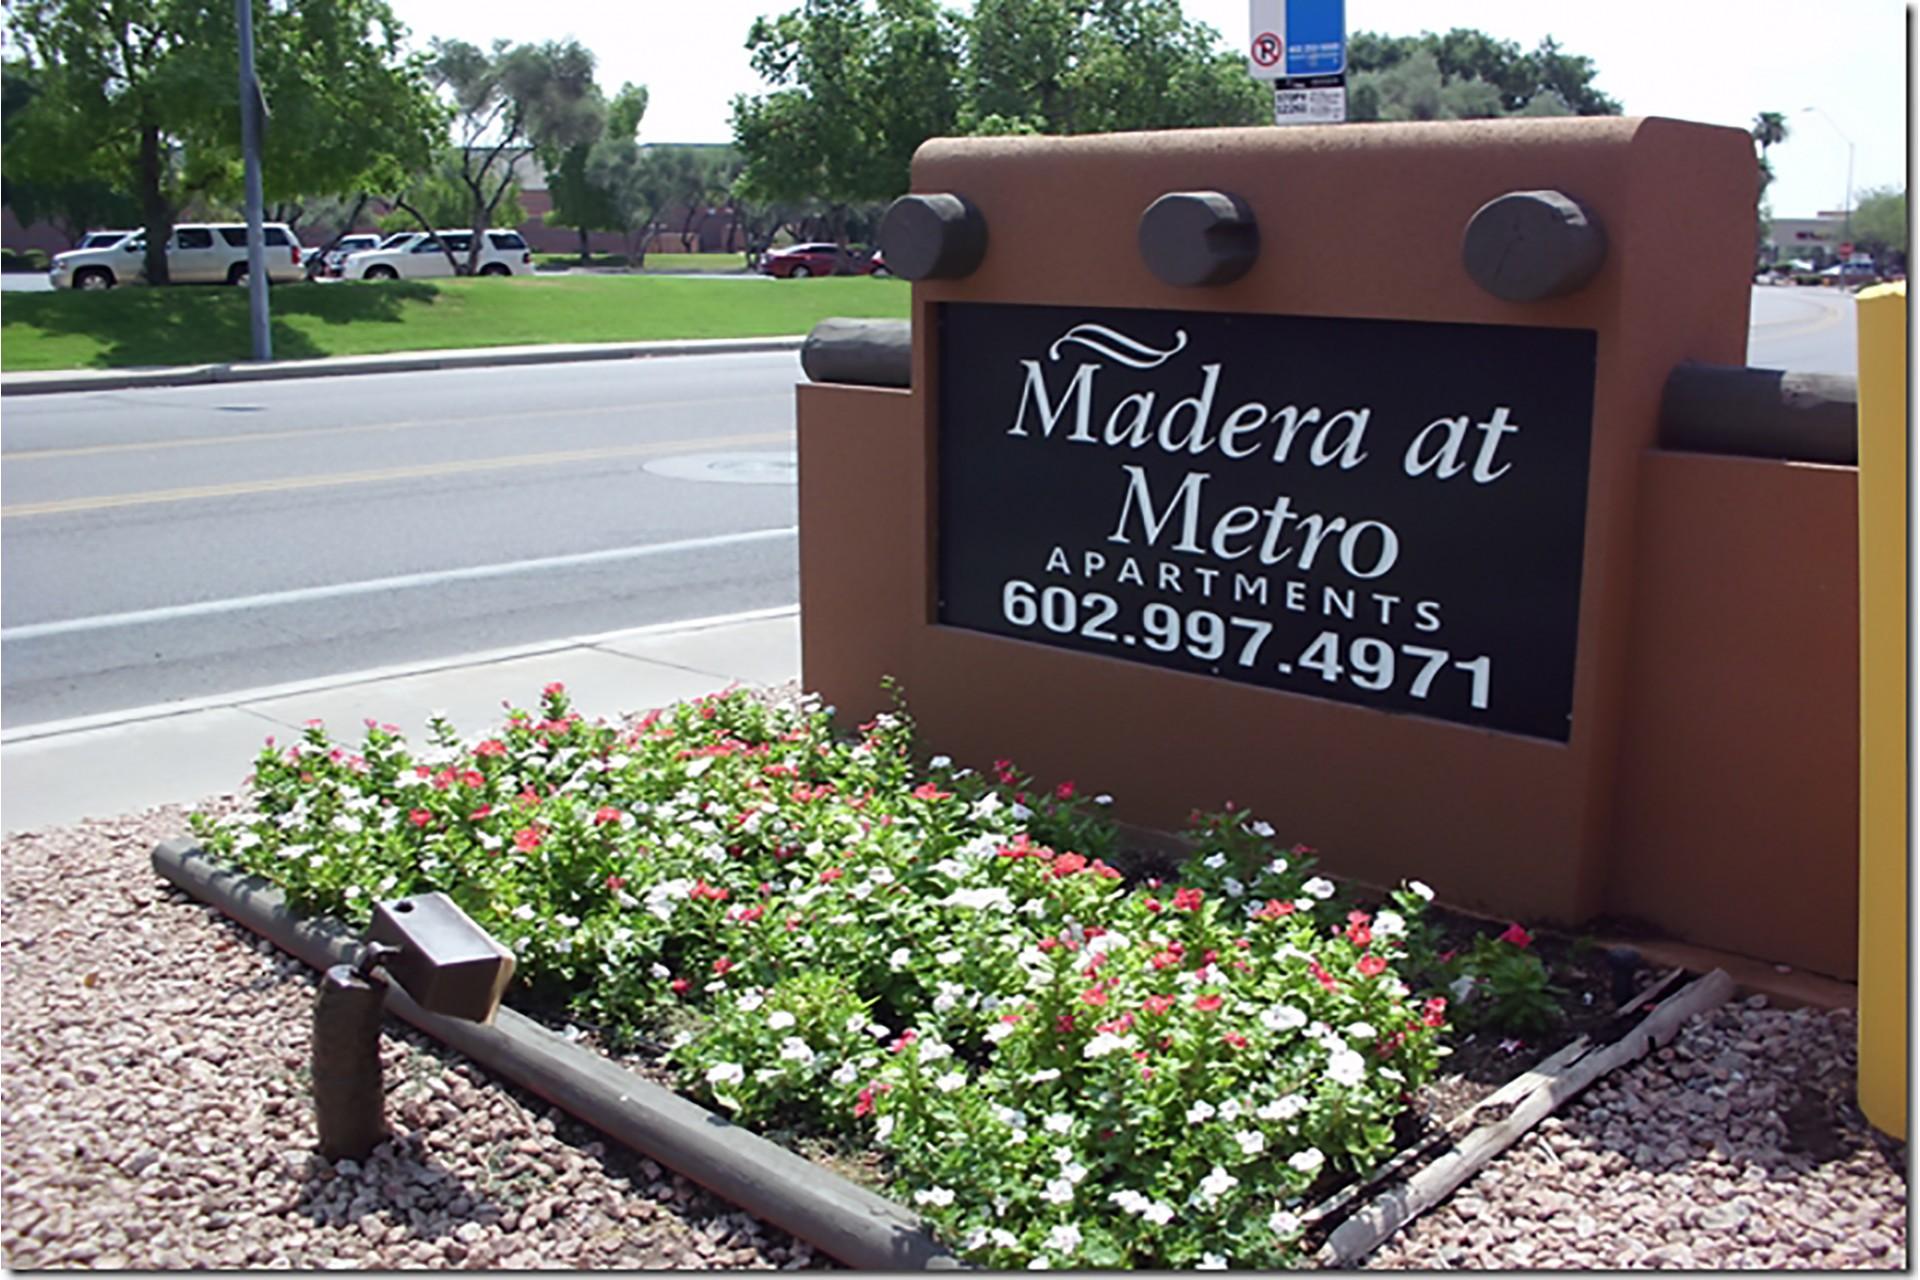 madera at metro apartments studio 1 2 bedroom floor plans madera at metro apartments phoenix az front entrance